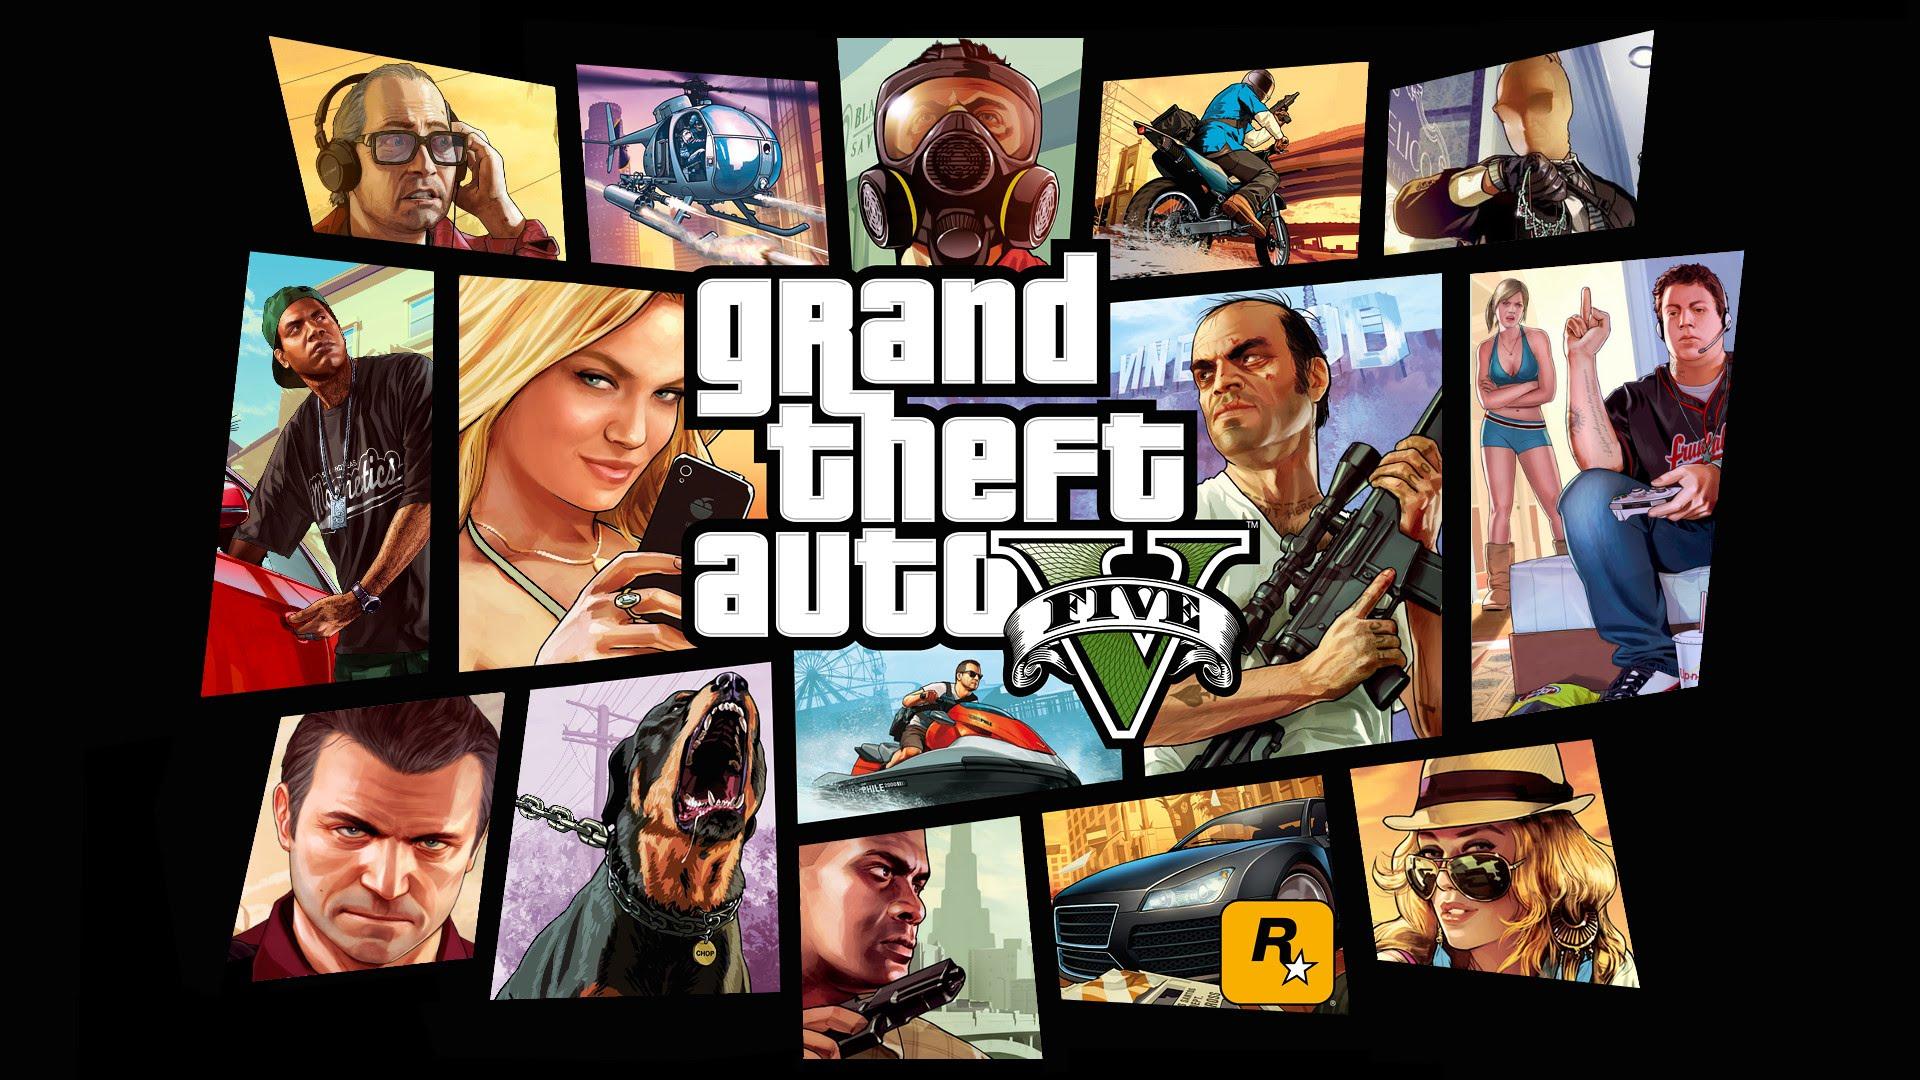 Los 10 Juegos Mas Vendidos De Playstation 3 Meristation